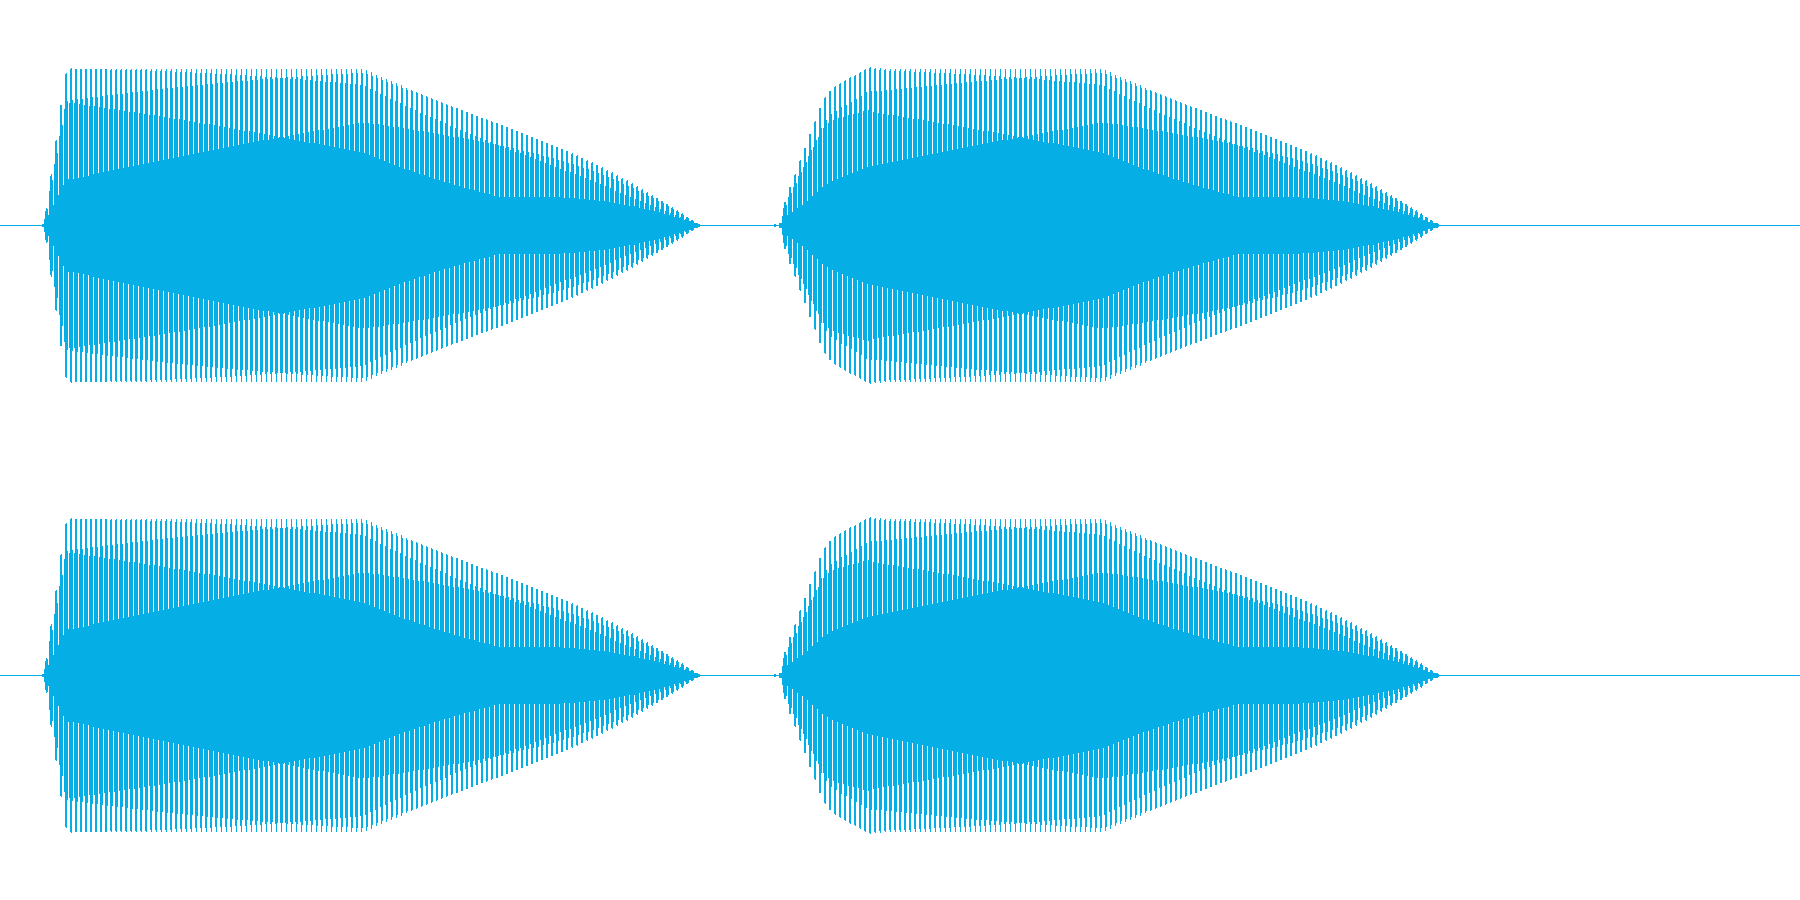 ポポッ(シンプルな音)の再生済みの波形